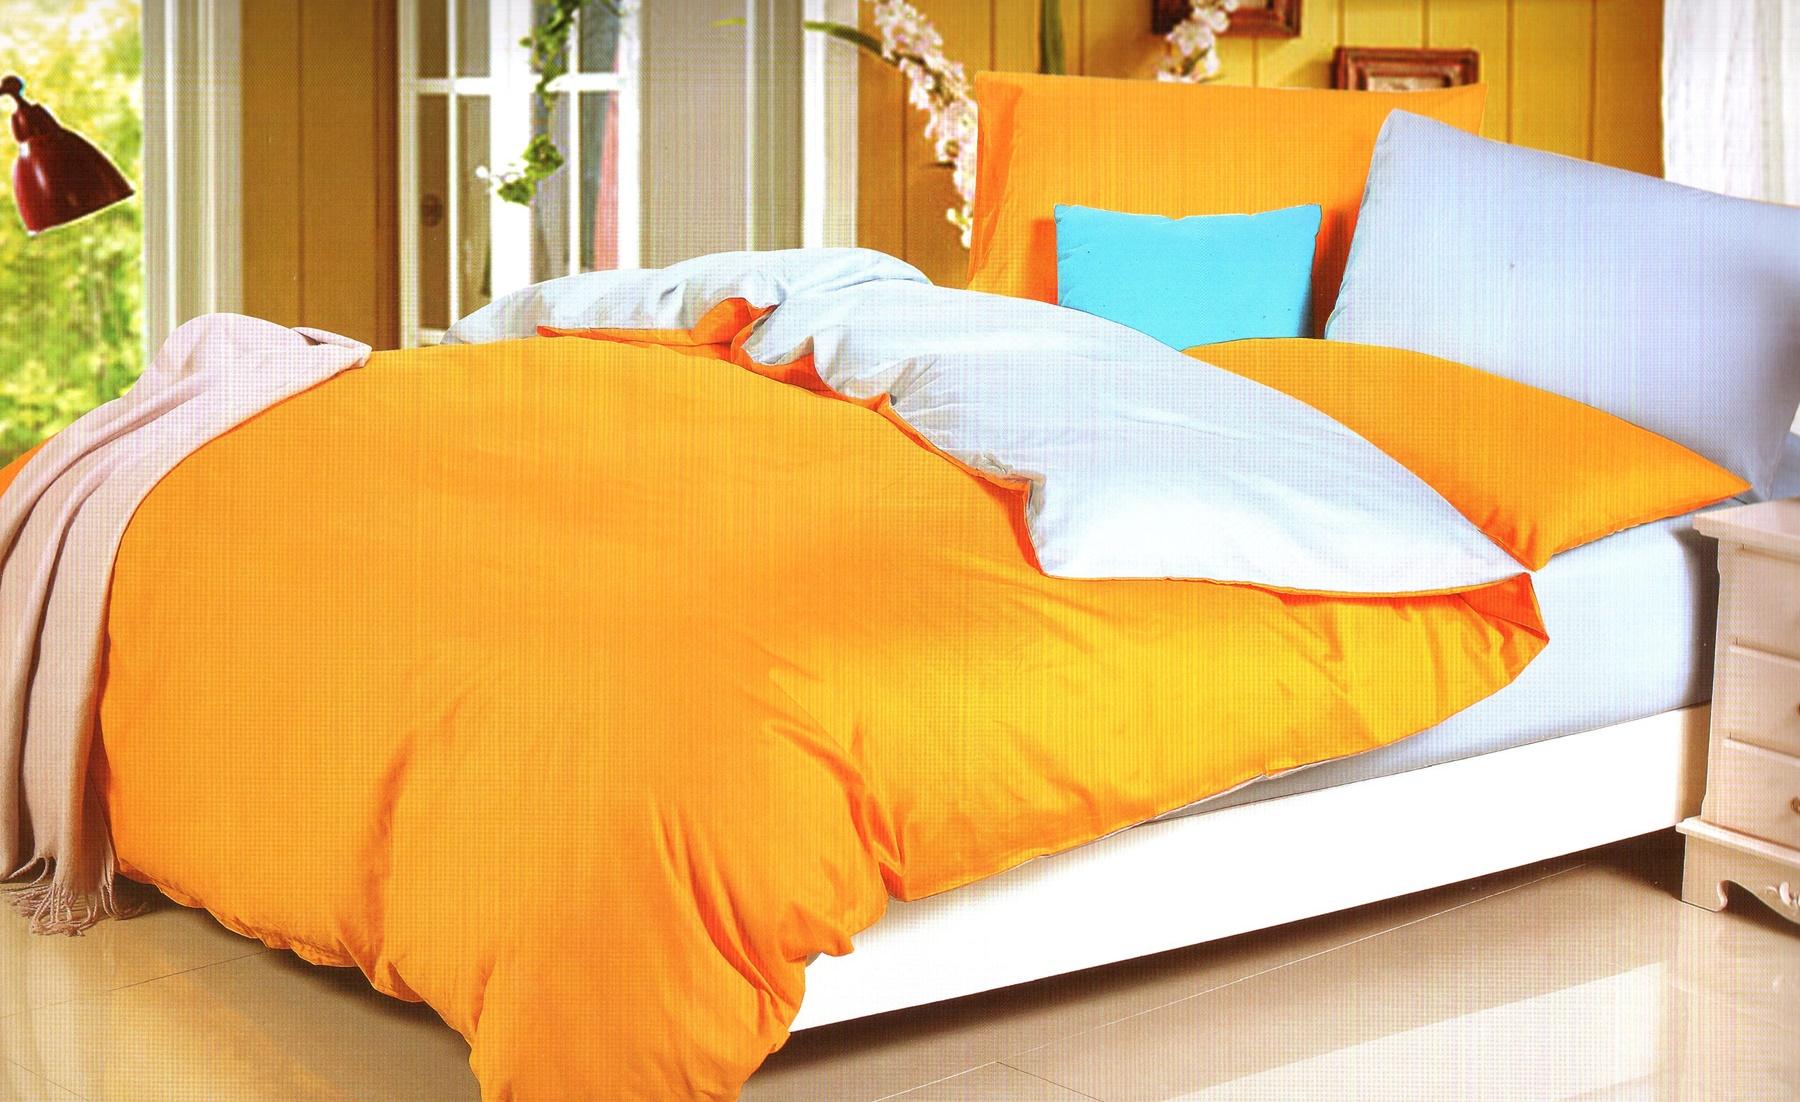 Начин и грижа за спалното бельо